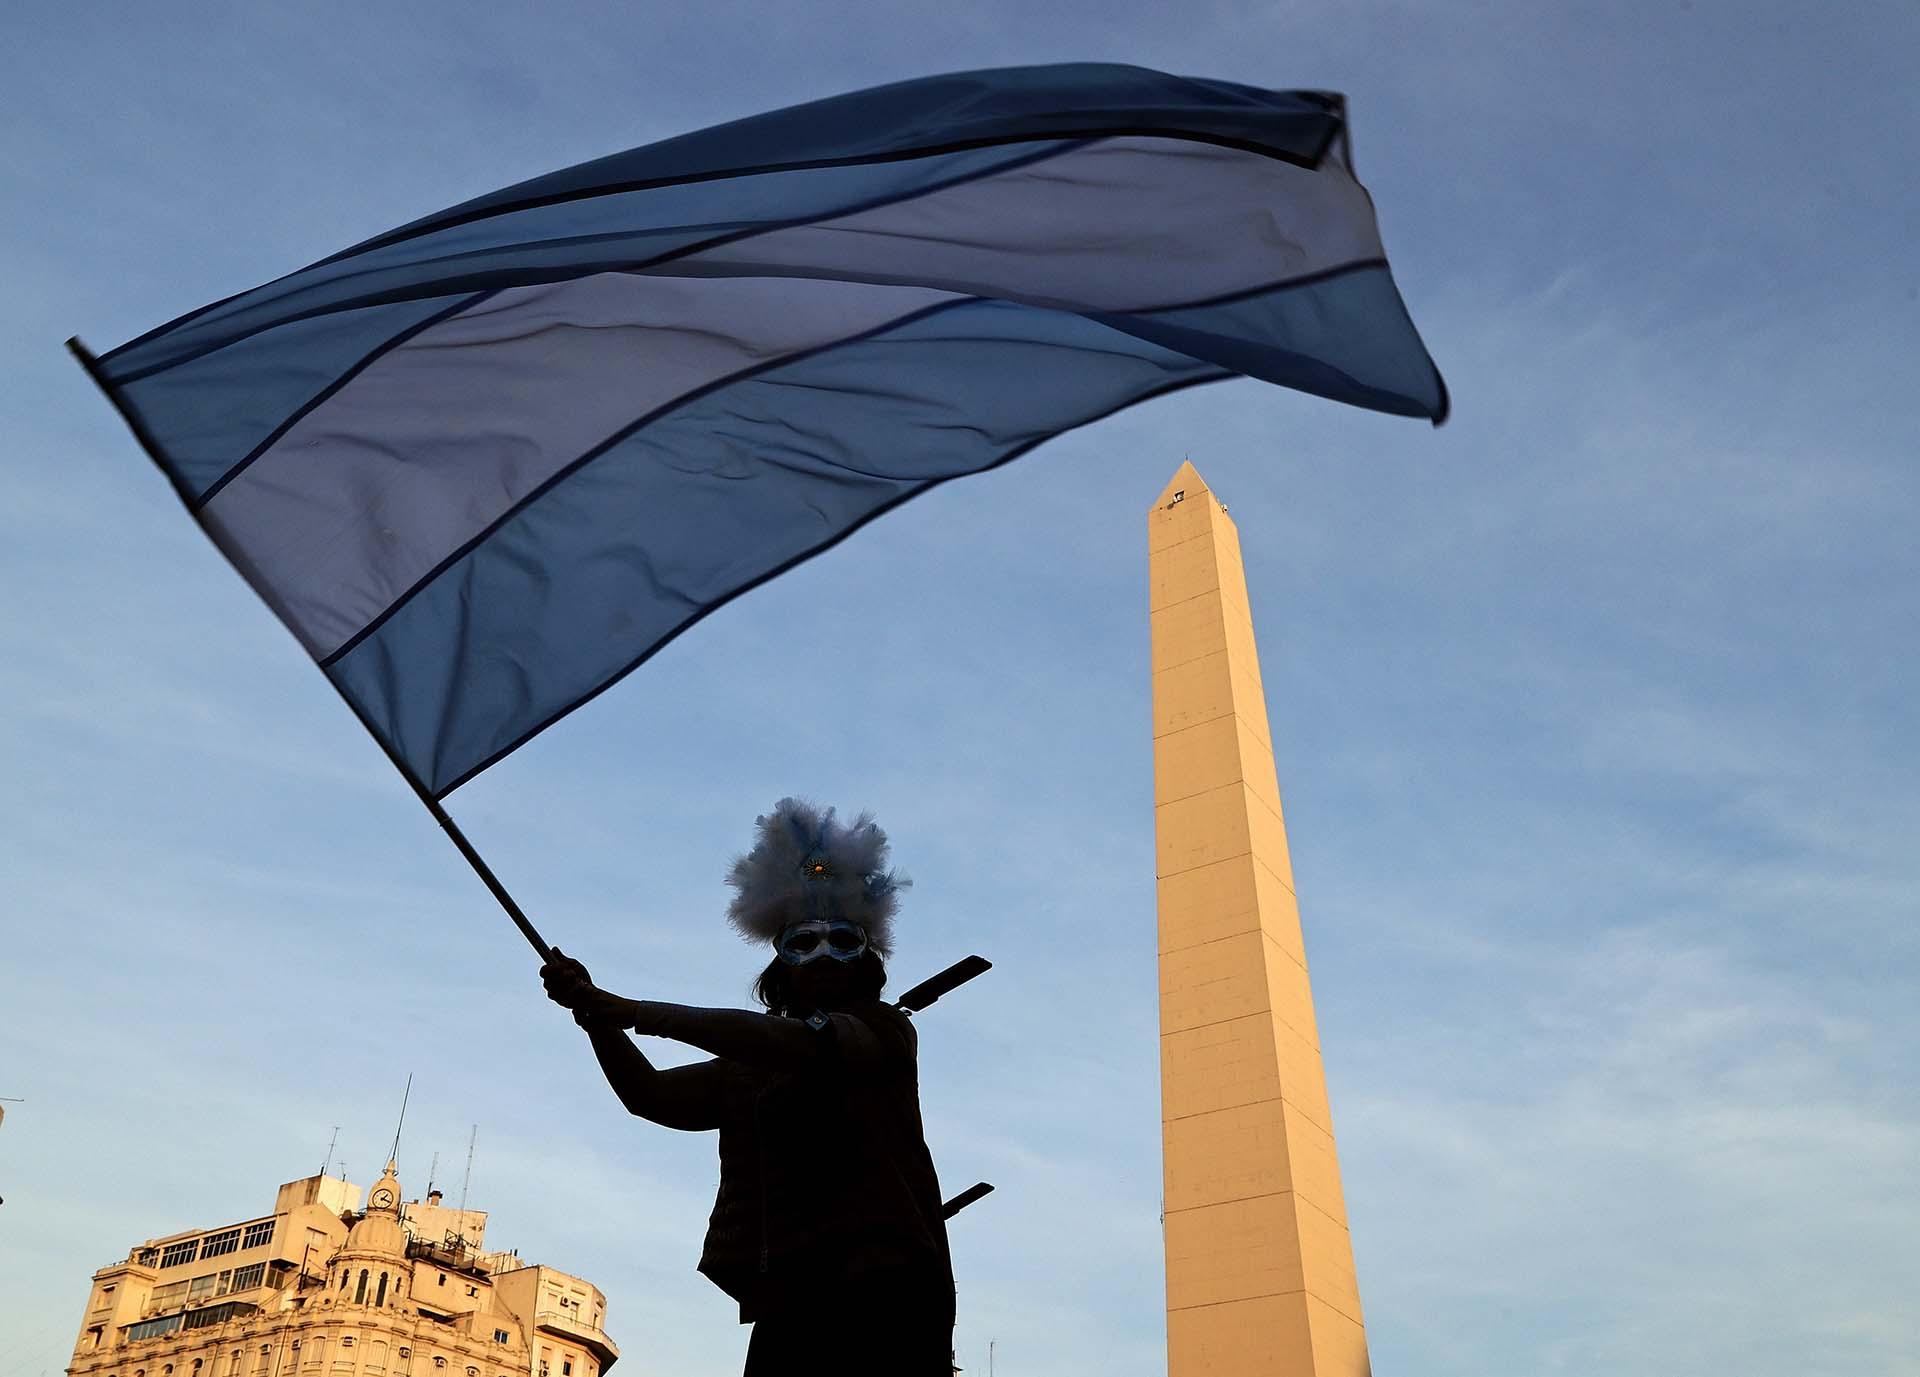 A principios de agosto se realizó una nueva marcha en las principales ciudades del país en contra de la reforma judicial que proponía el gobierno nacional